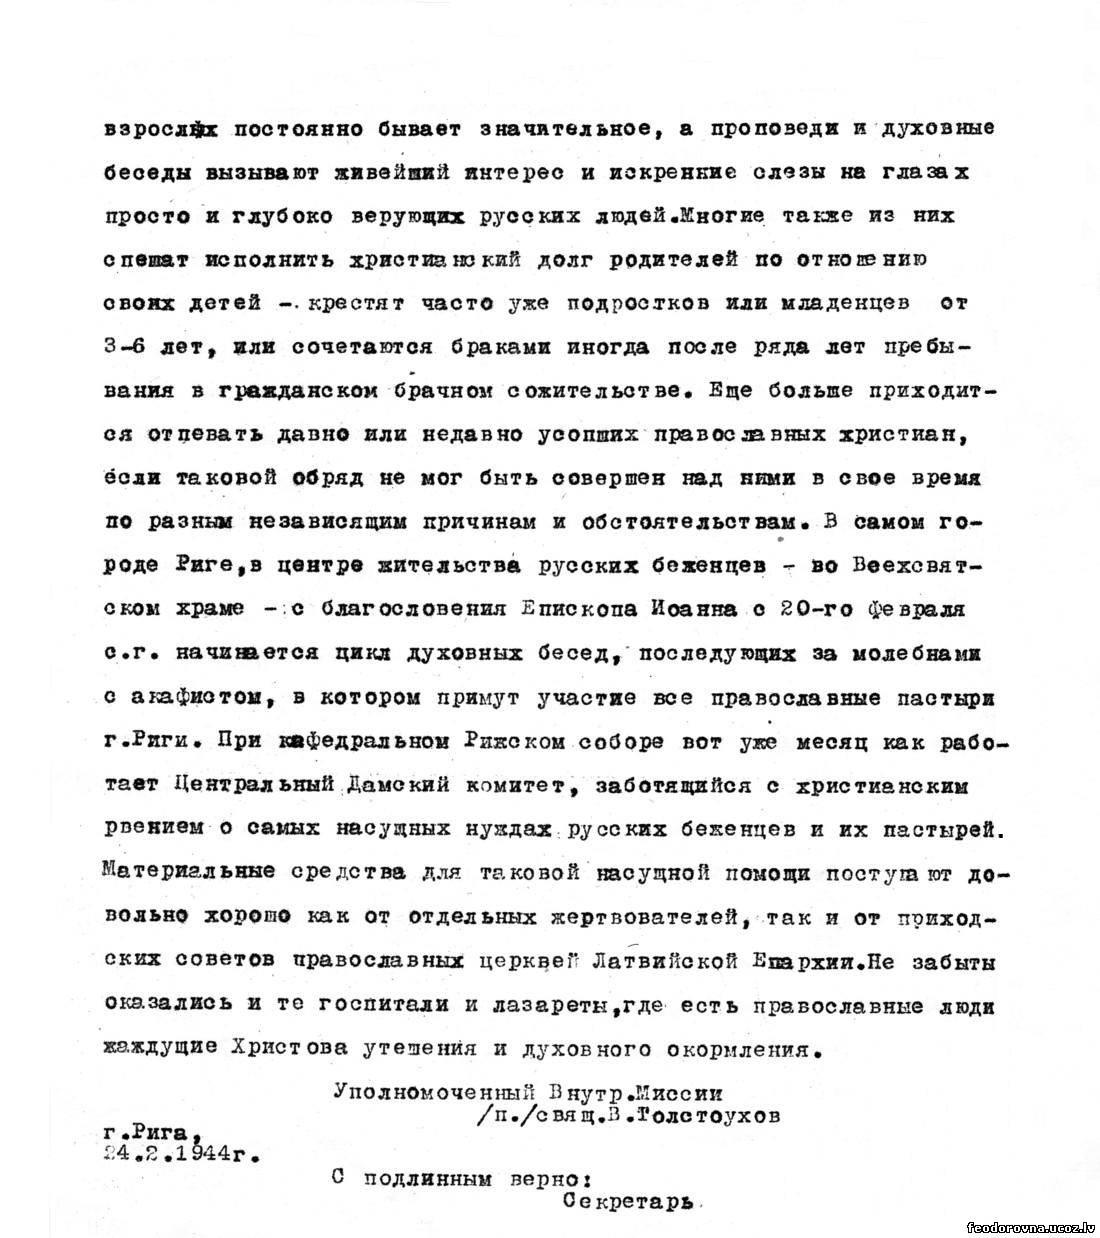 Краткий обзор деятельности Внутренней Миссии в Латвийской Епархии. Лист 2